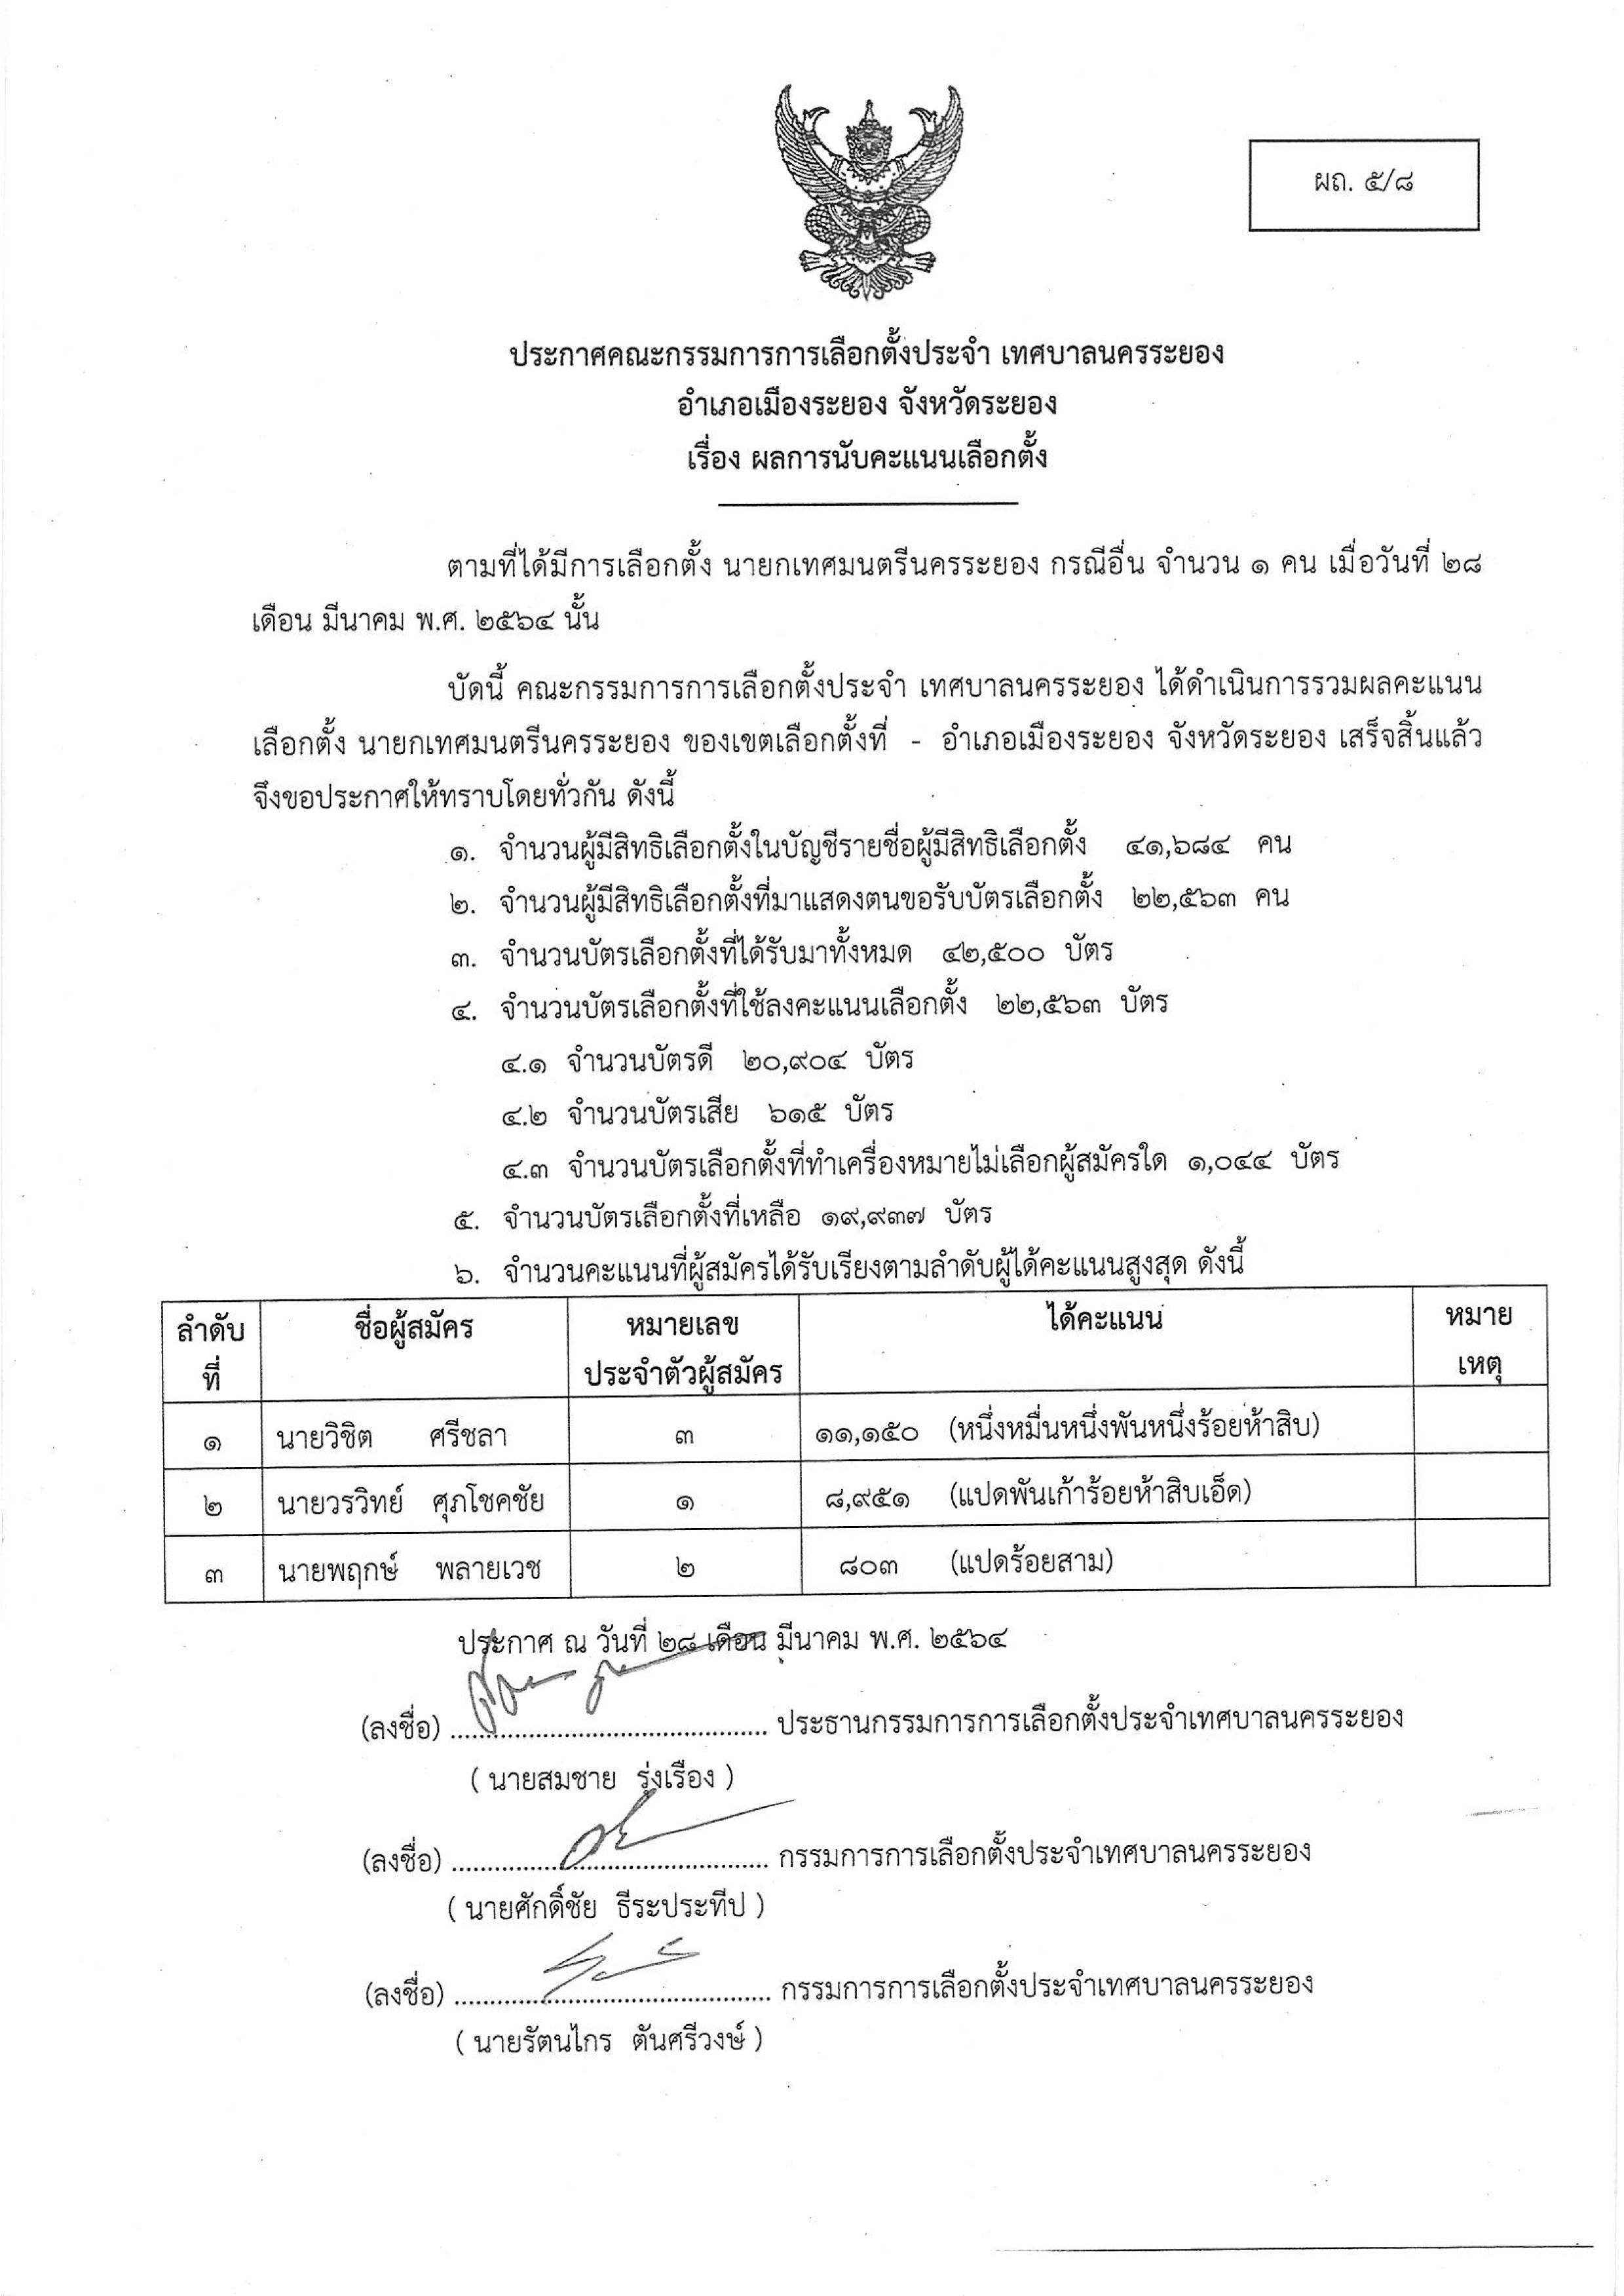 ประกาศคณะกรรมการการเลือกตั้ง ผลการนับคะแนนเลือกตั้ง